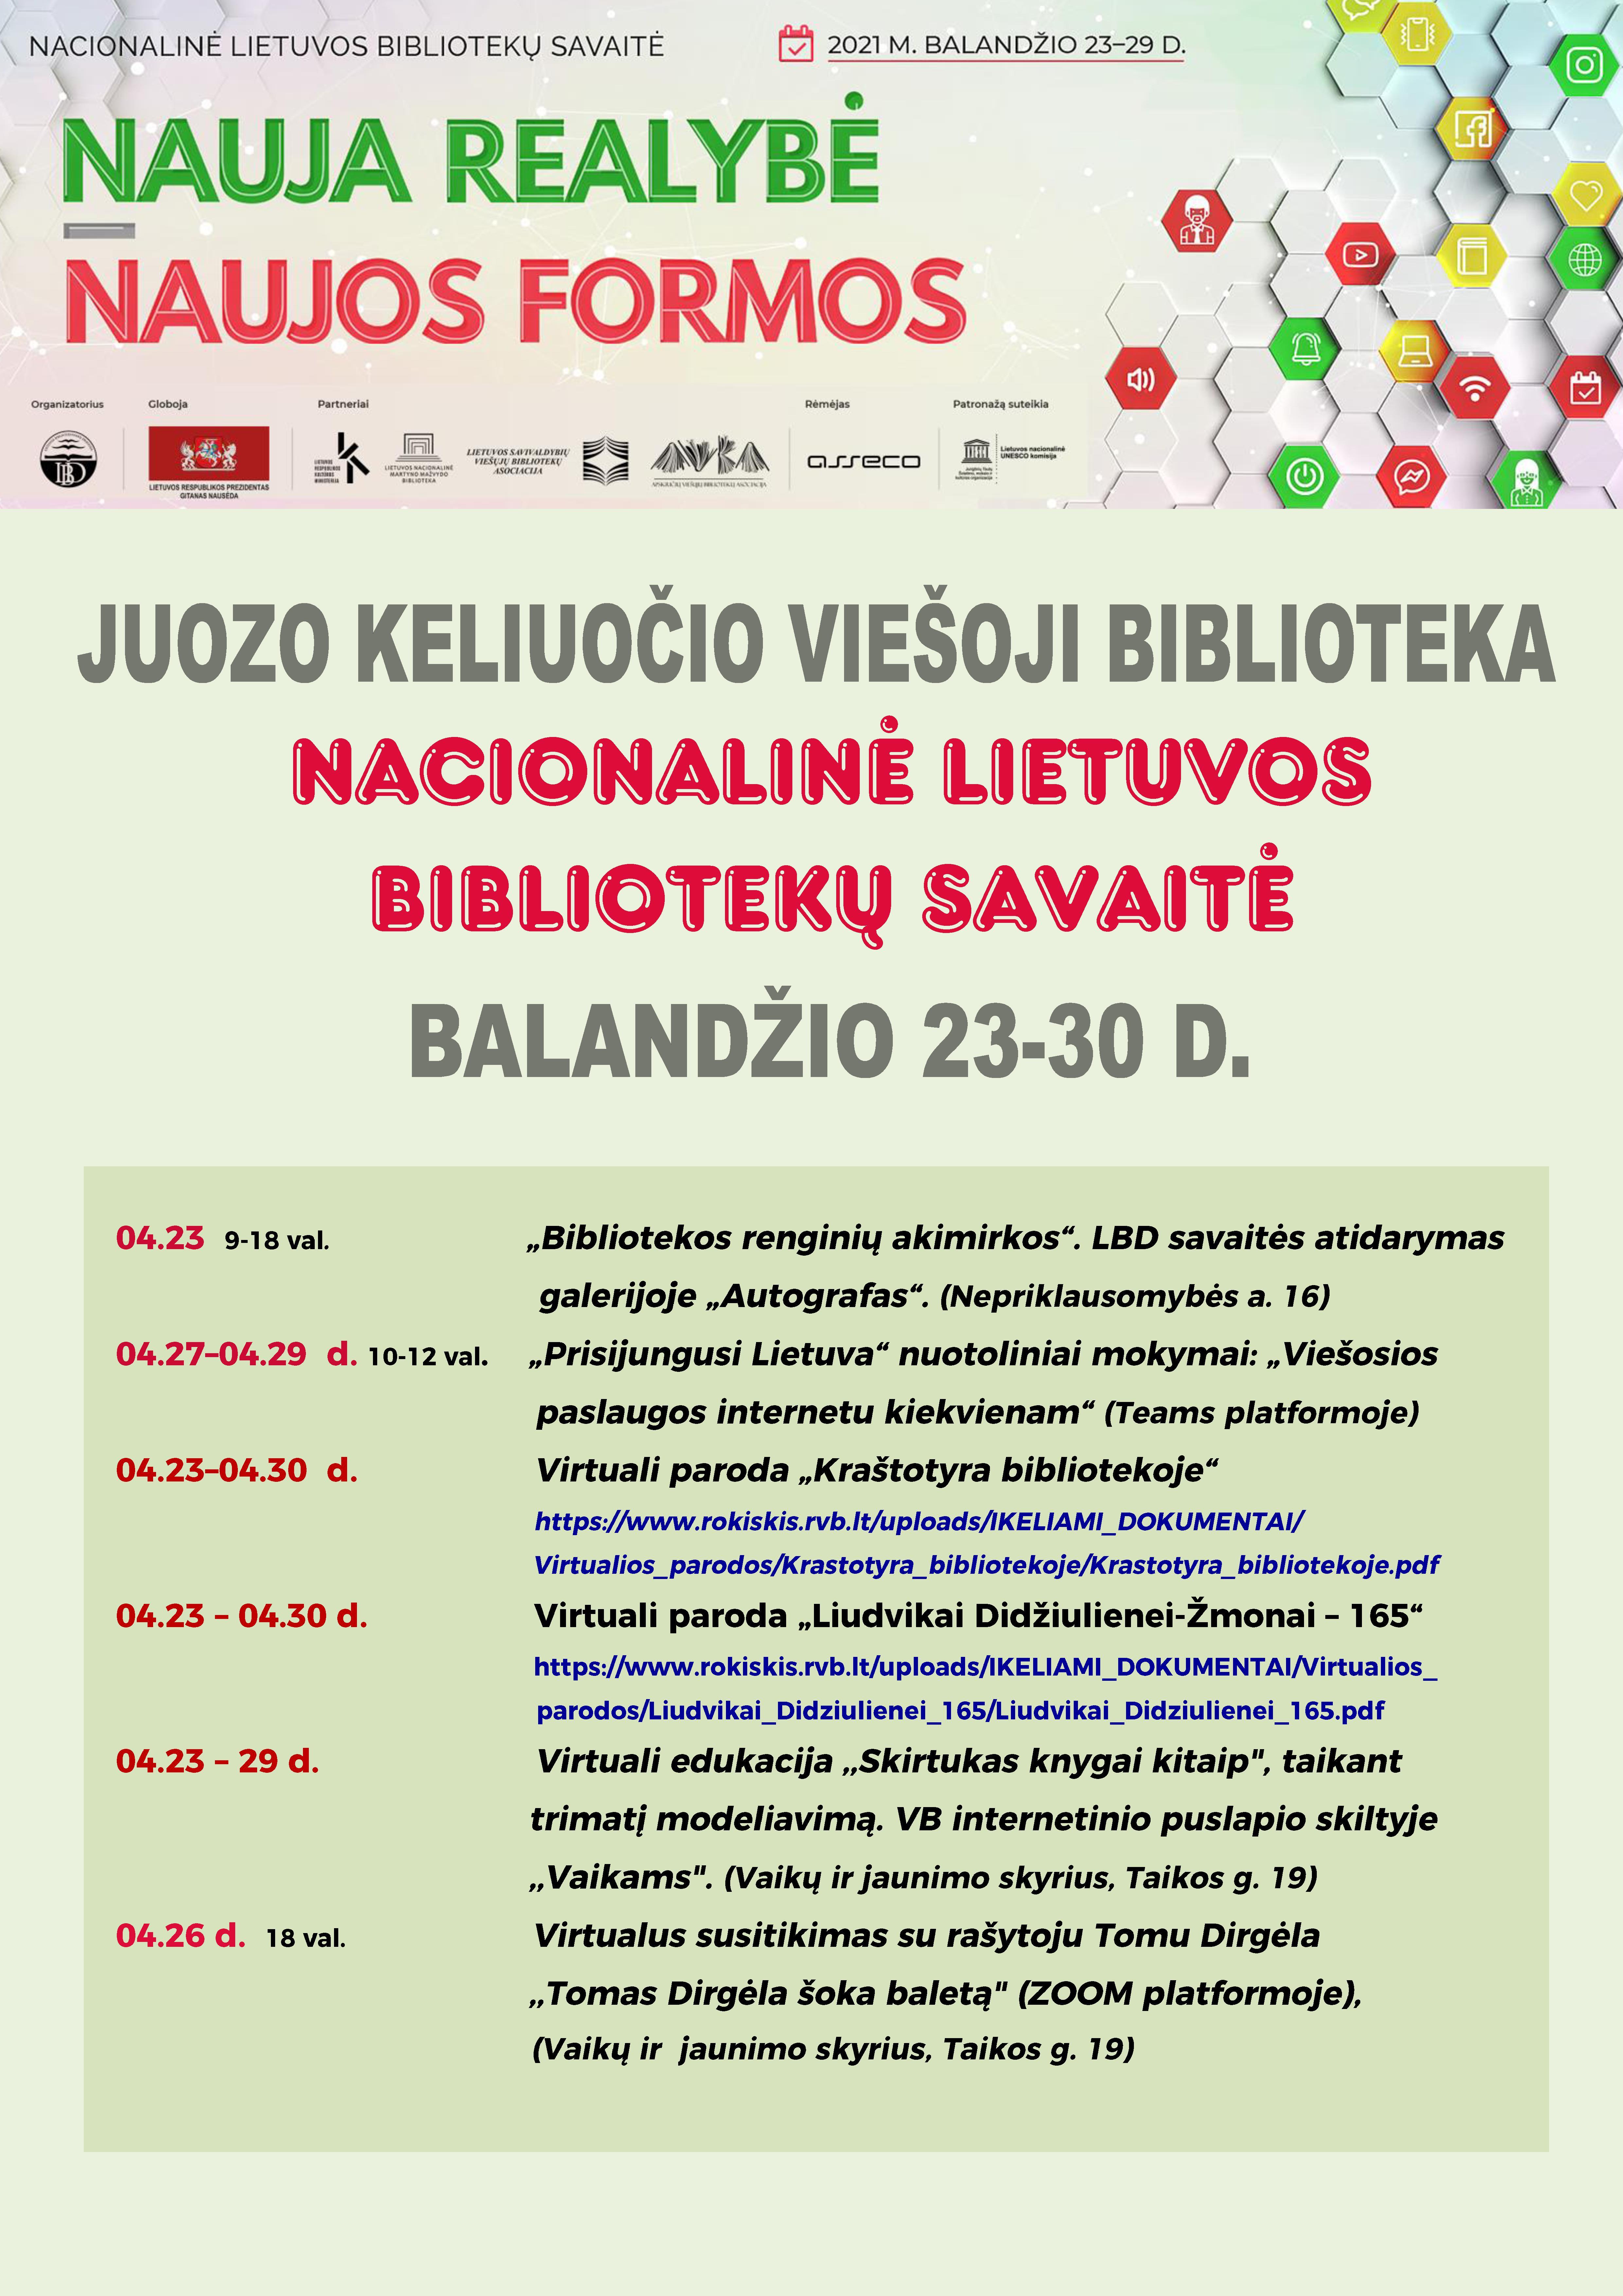 Nacionalinė Lietuvos bibliotekų savaitė